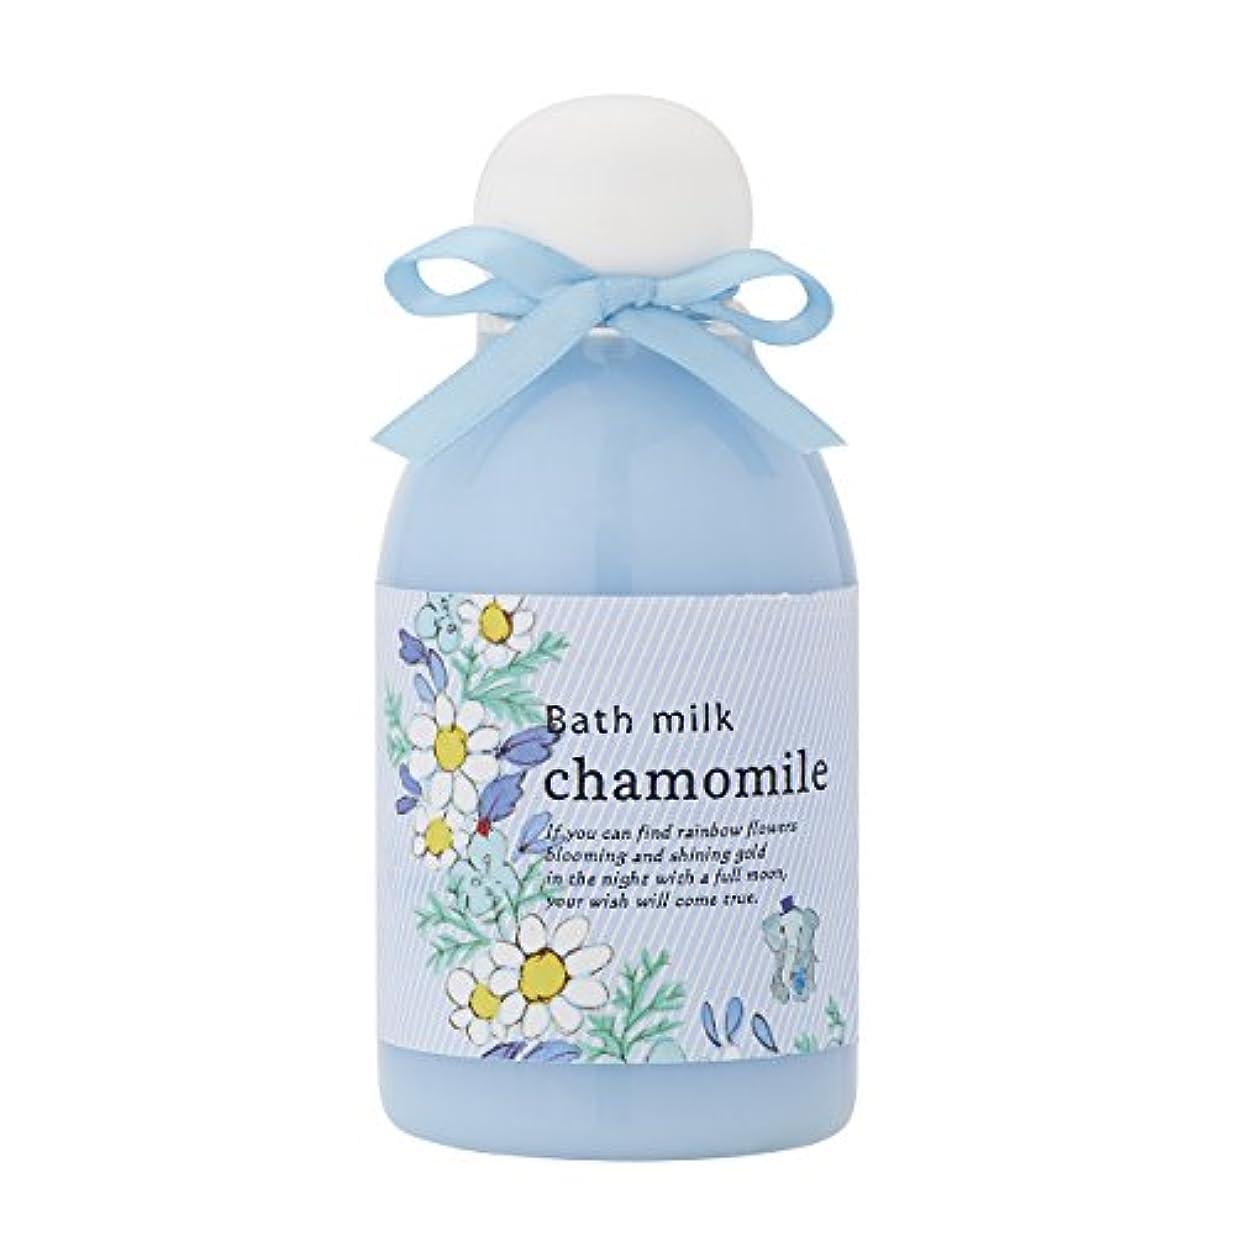 弱まるセクタ一時解雇するサンハーブ バスミルク カモマイル 200ml(バブルバスタイプ入浴料 泡風呂 やさしく穏やかな甘い香り)